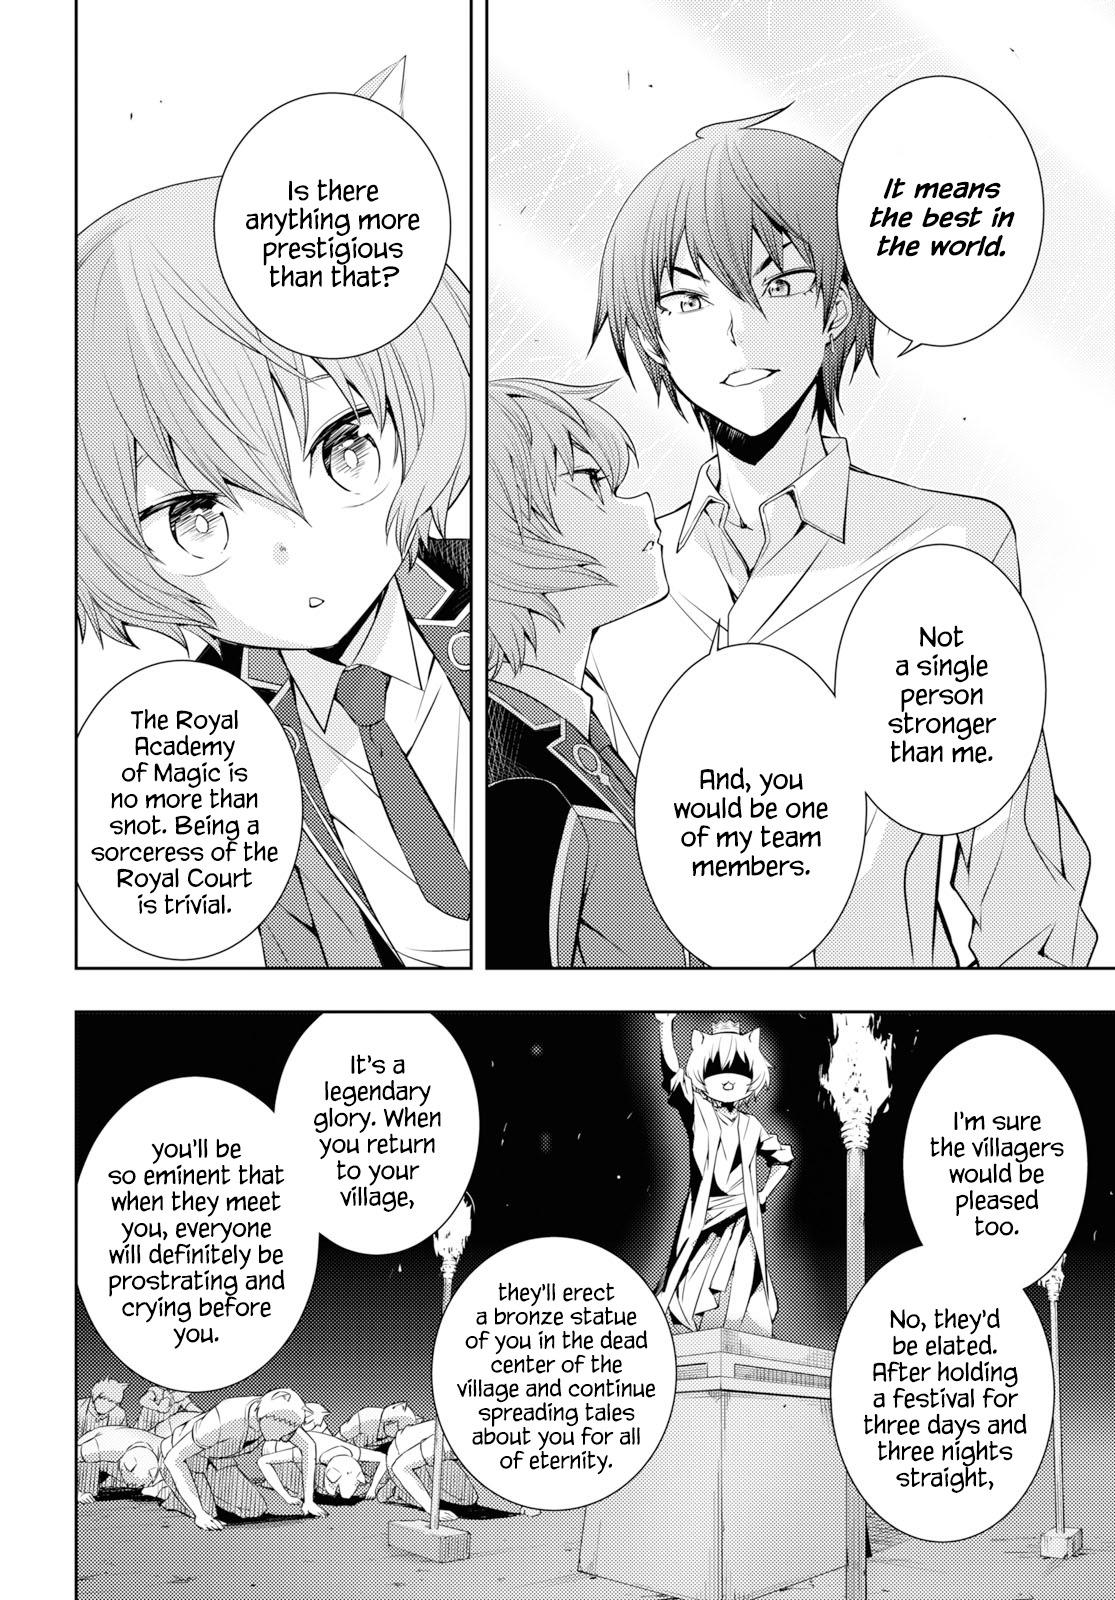 Moto Sekai Ichi'i Subchara Ikusei Nikki: Hai Player, Isekai wo Kouryakuchuu! - chapter 10-eng-li